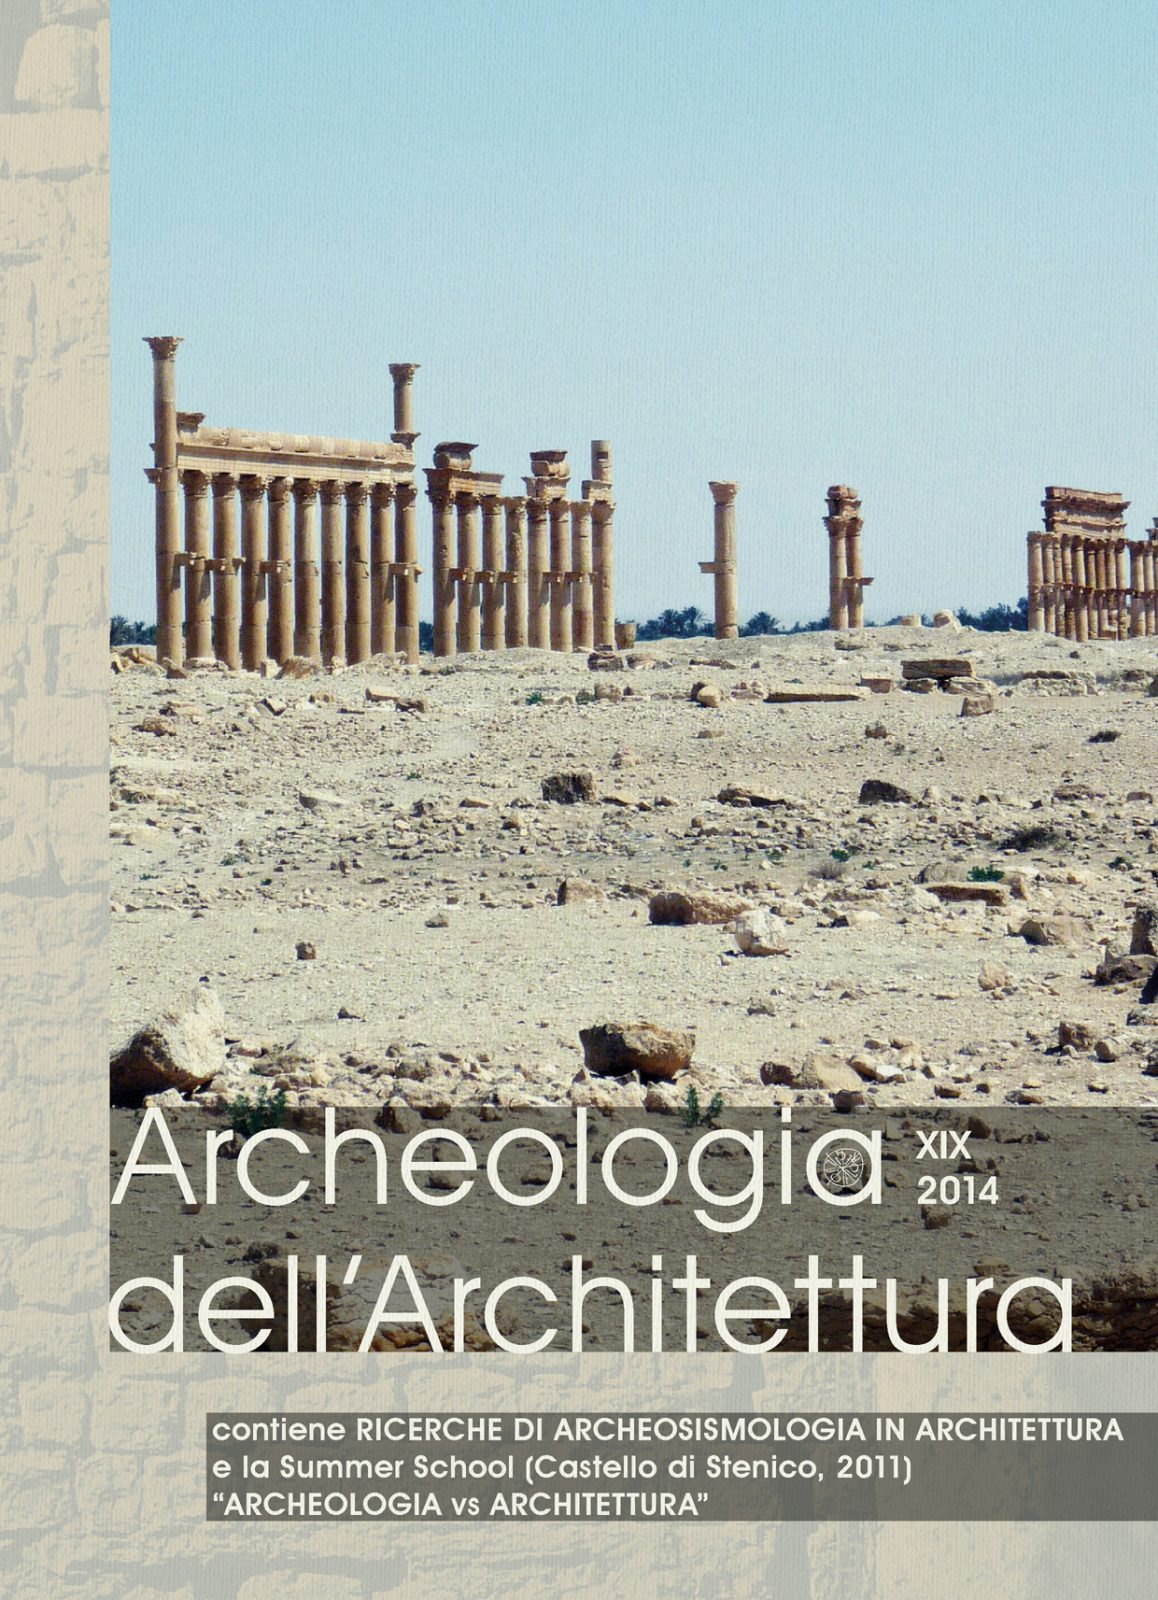 Archeologia dell'Architettura, XIX, 2014, copertina.